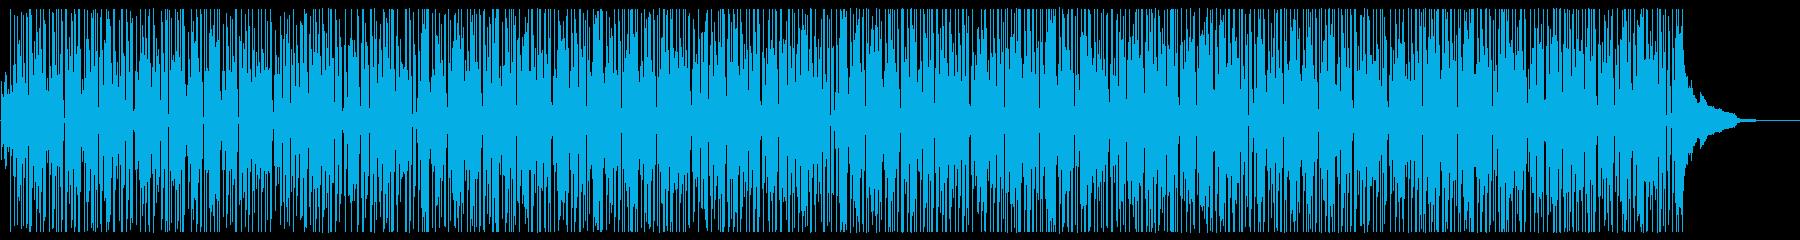 アコギでほっこり☆ゆったりしたレゲエ曲の再生済みの波形